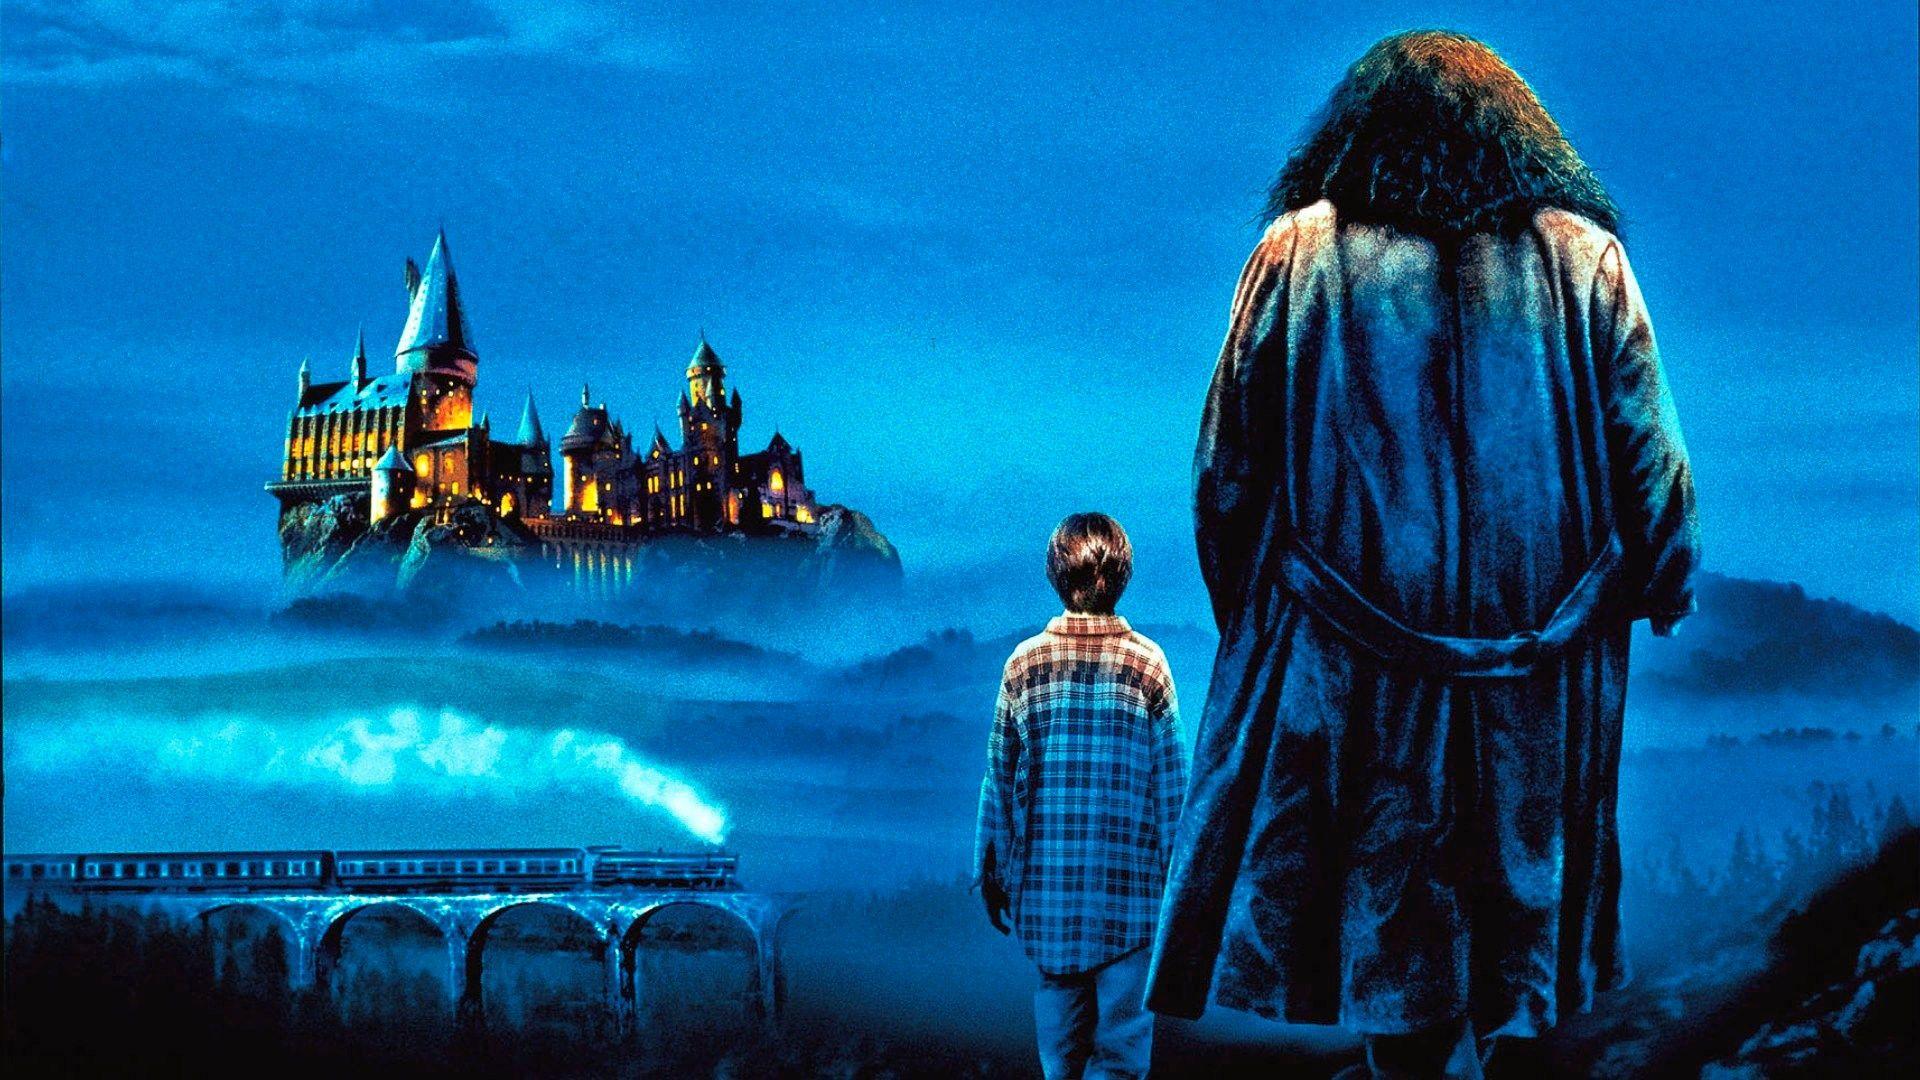 Hogwarts Castle Backgrounds Harry Potter Wallpaper Harry Potter Background Harry Potter Movies